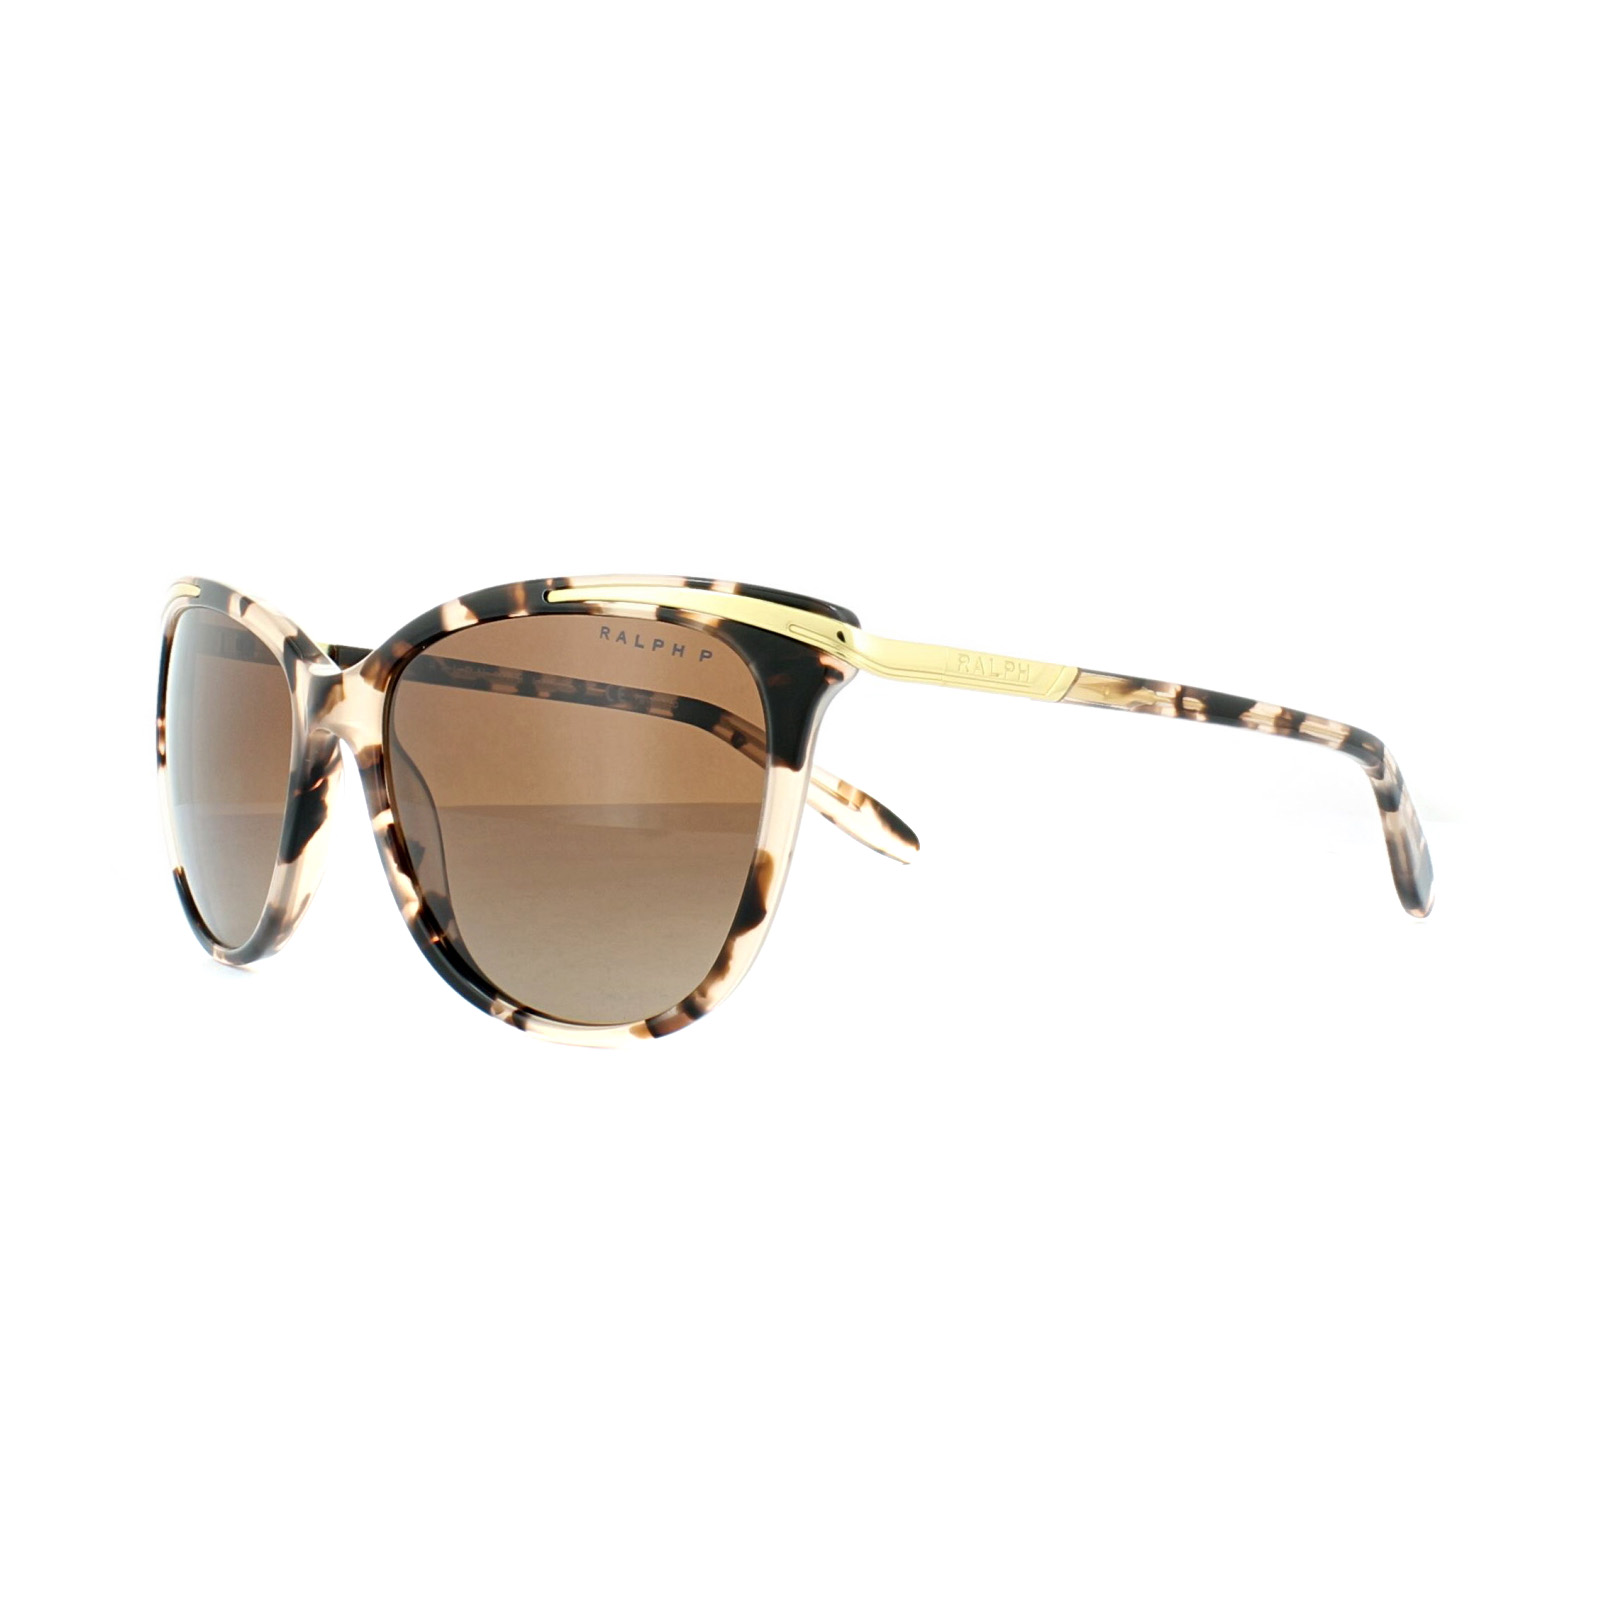 RALPH Ralph Damen Sonnenbrille » RA5203«, rosa, 1463T5 - rosa/braun